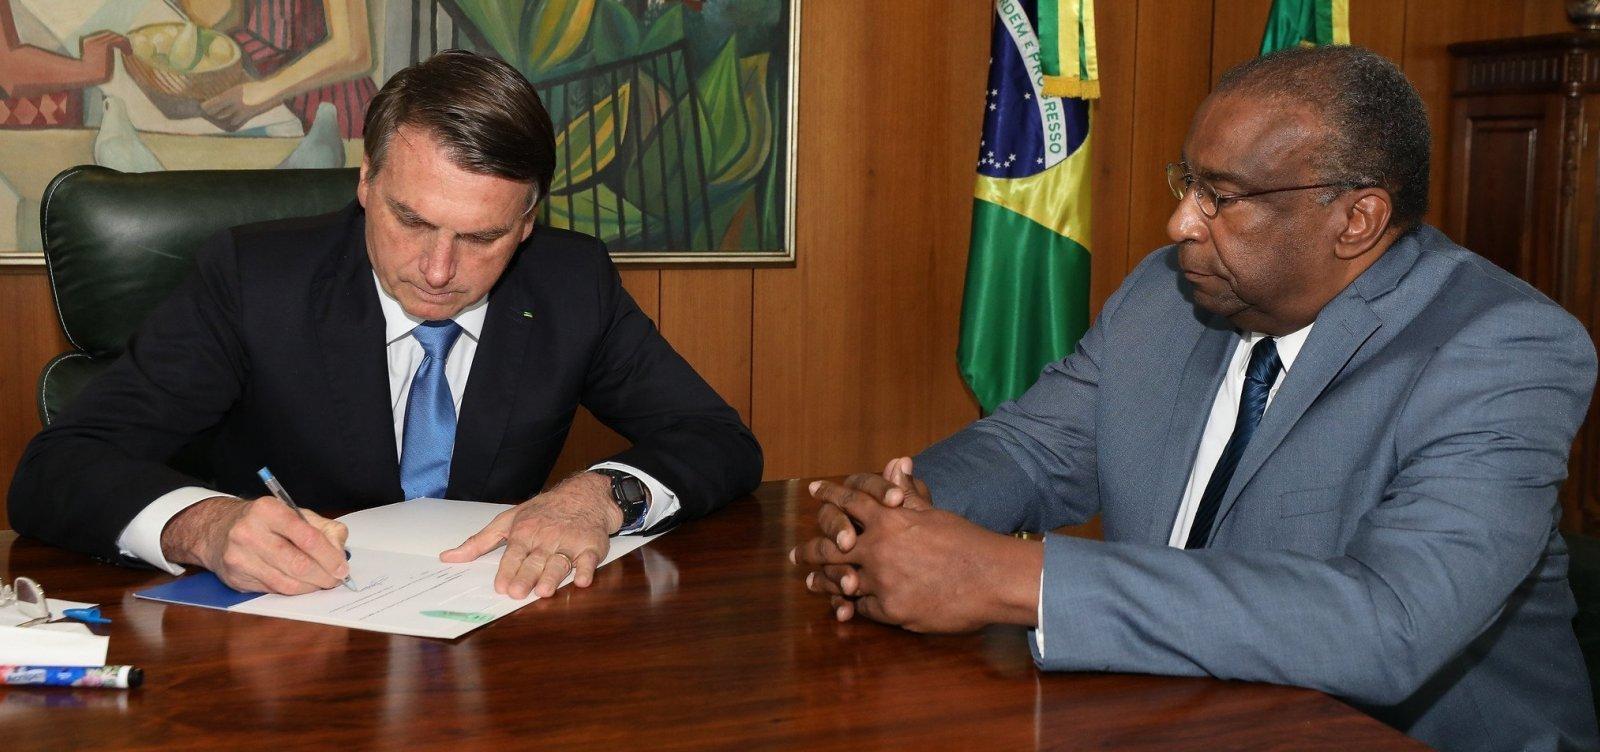 [Bolsonaro quer que Decotelli peça demissão, diz jornal]